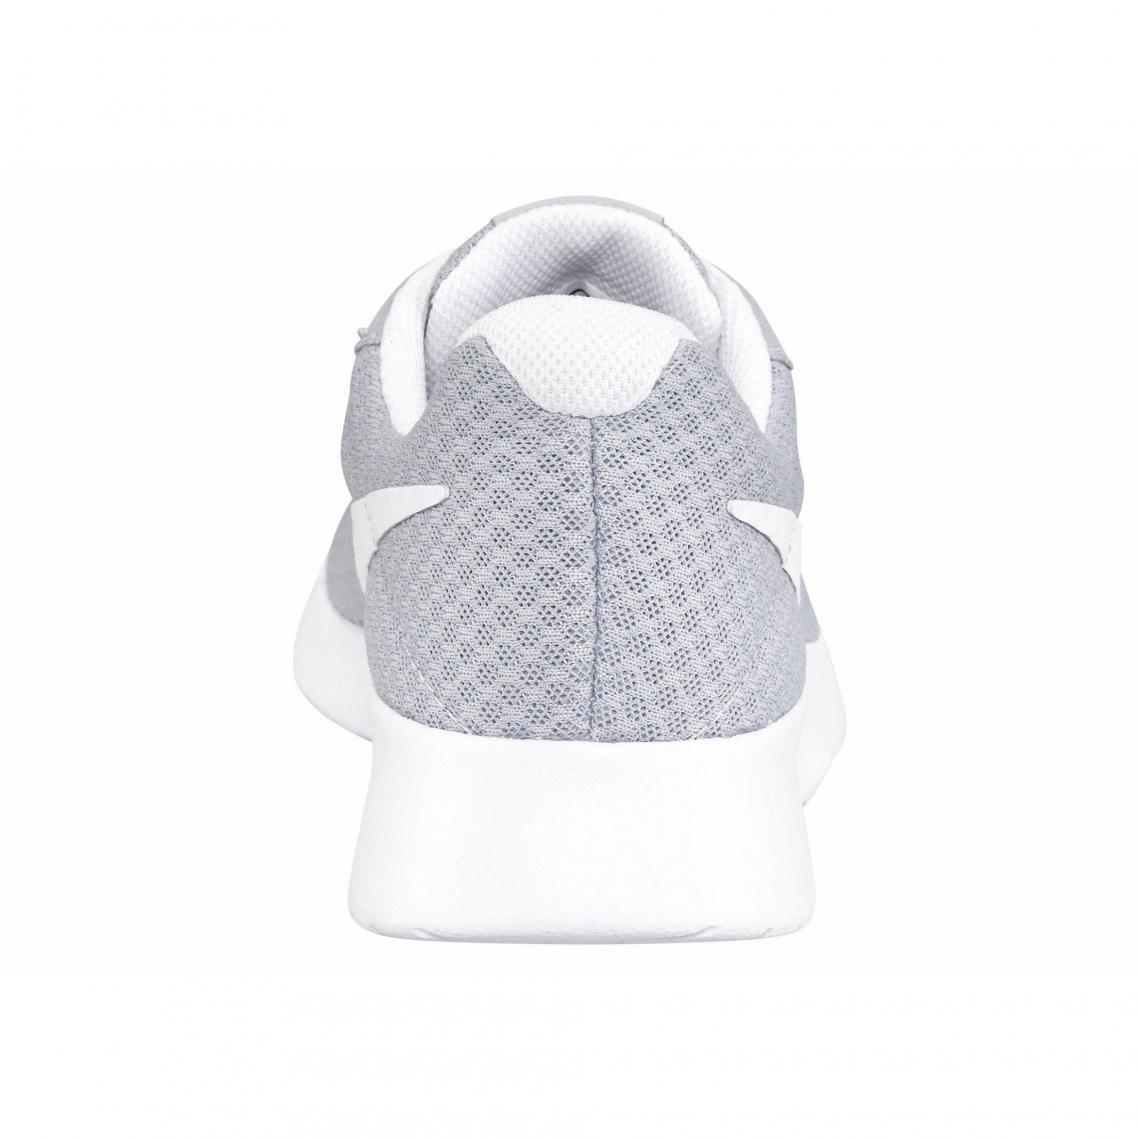 Blanc Femme Tanjun Sneakers Gris Nike 3suisses B4SIqWP